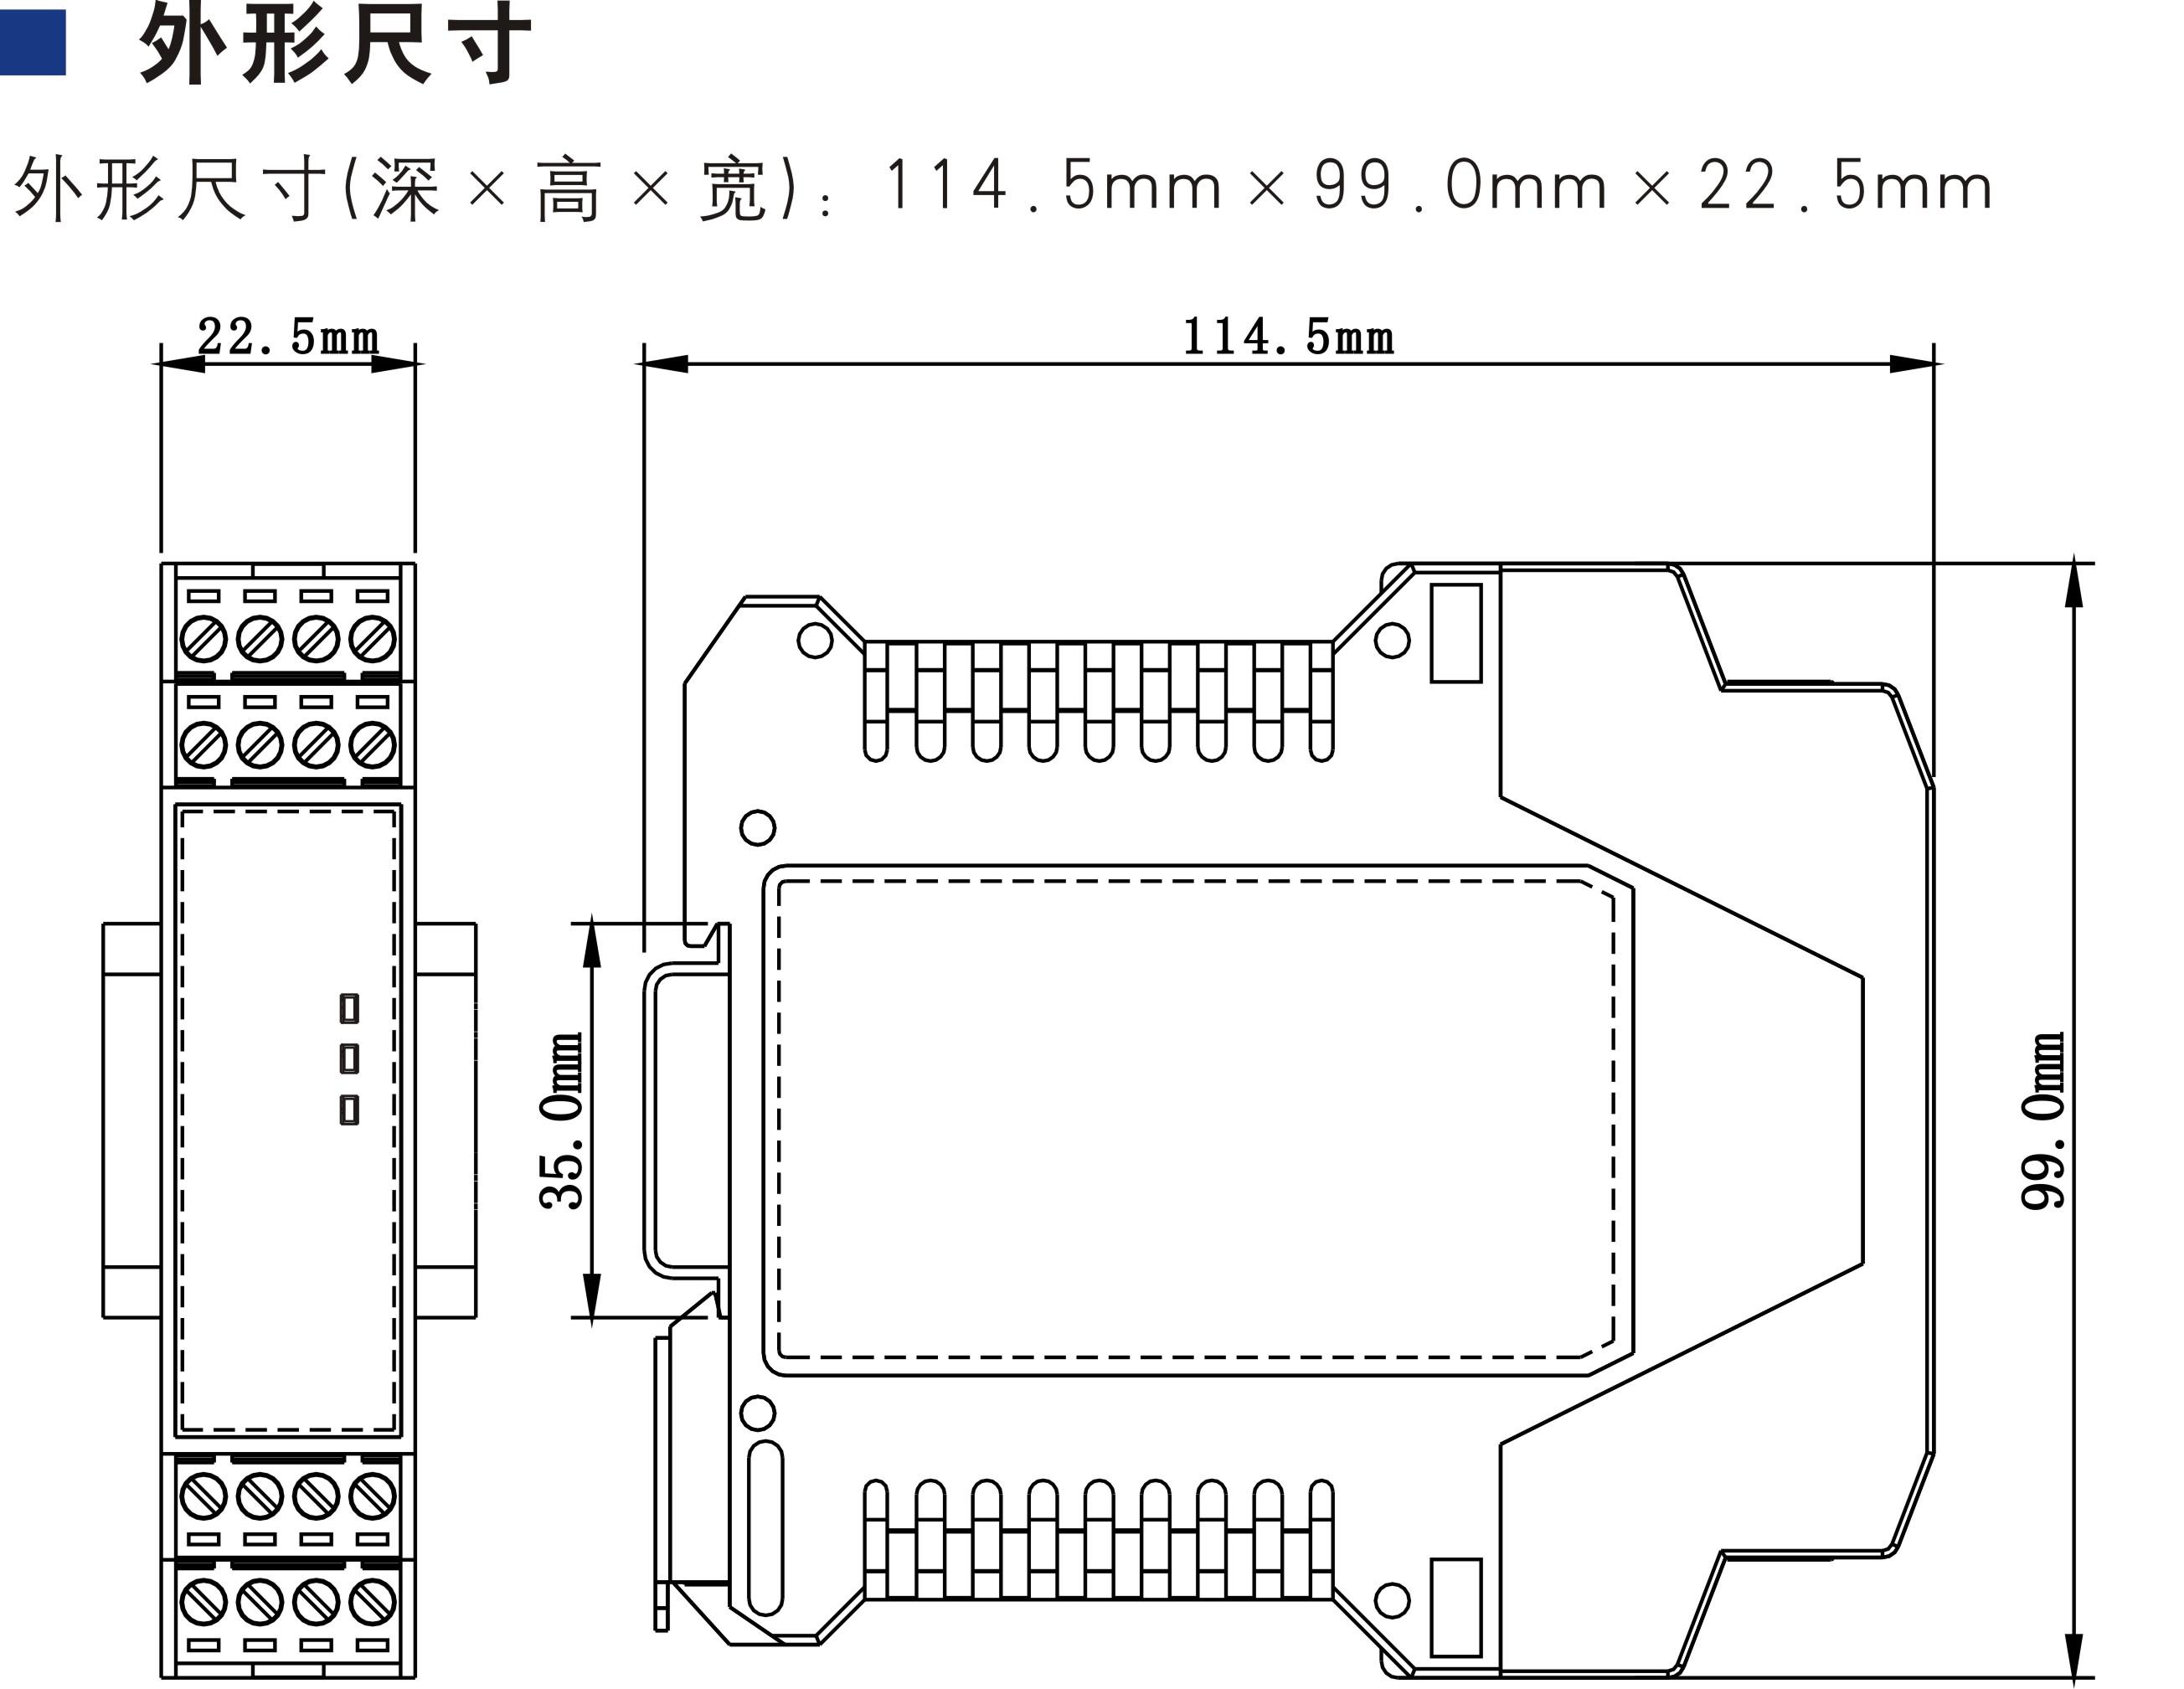 开关型安全设备输入 (NPN型安全光幕 24V DC 2NO+2NC 自动/手动复位)